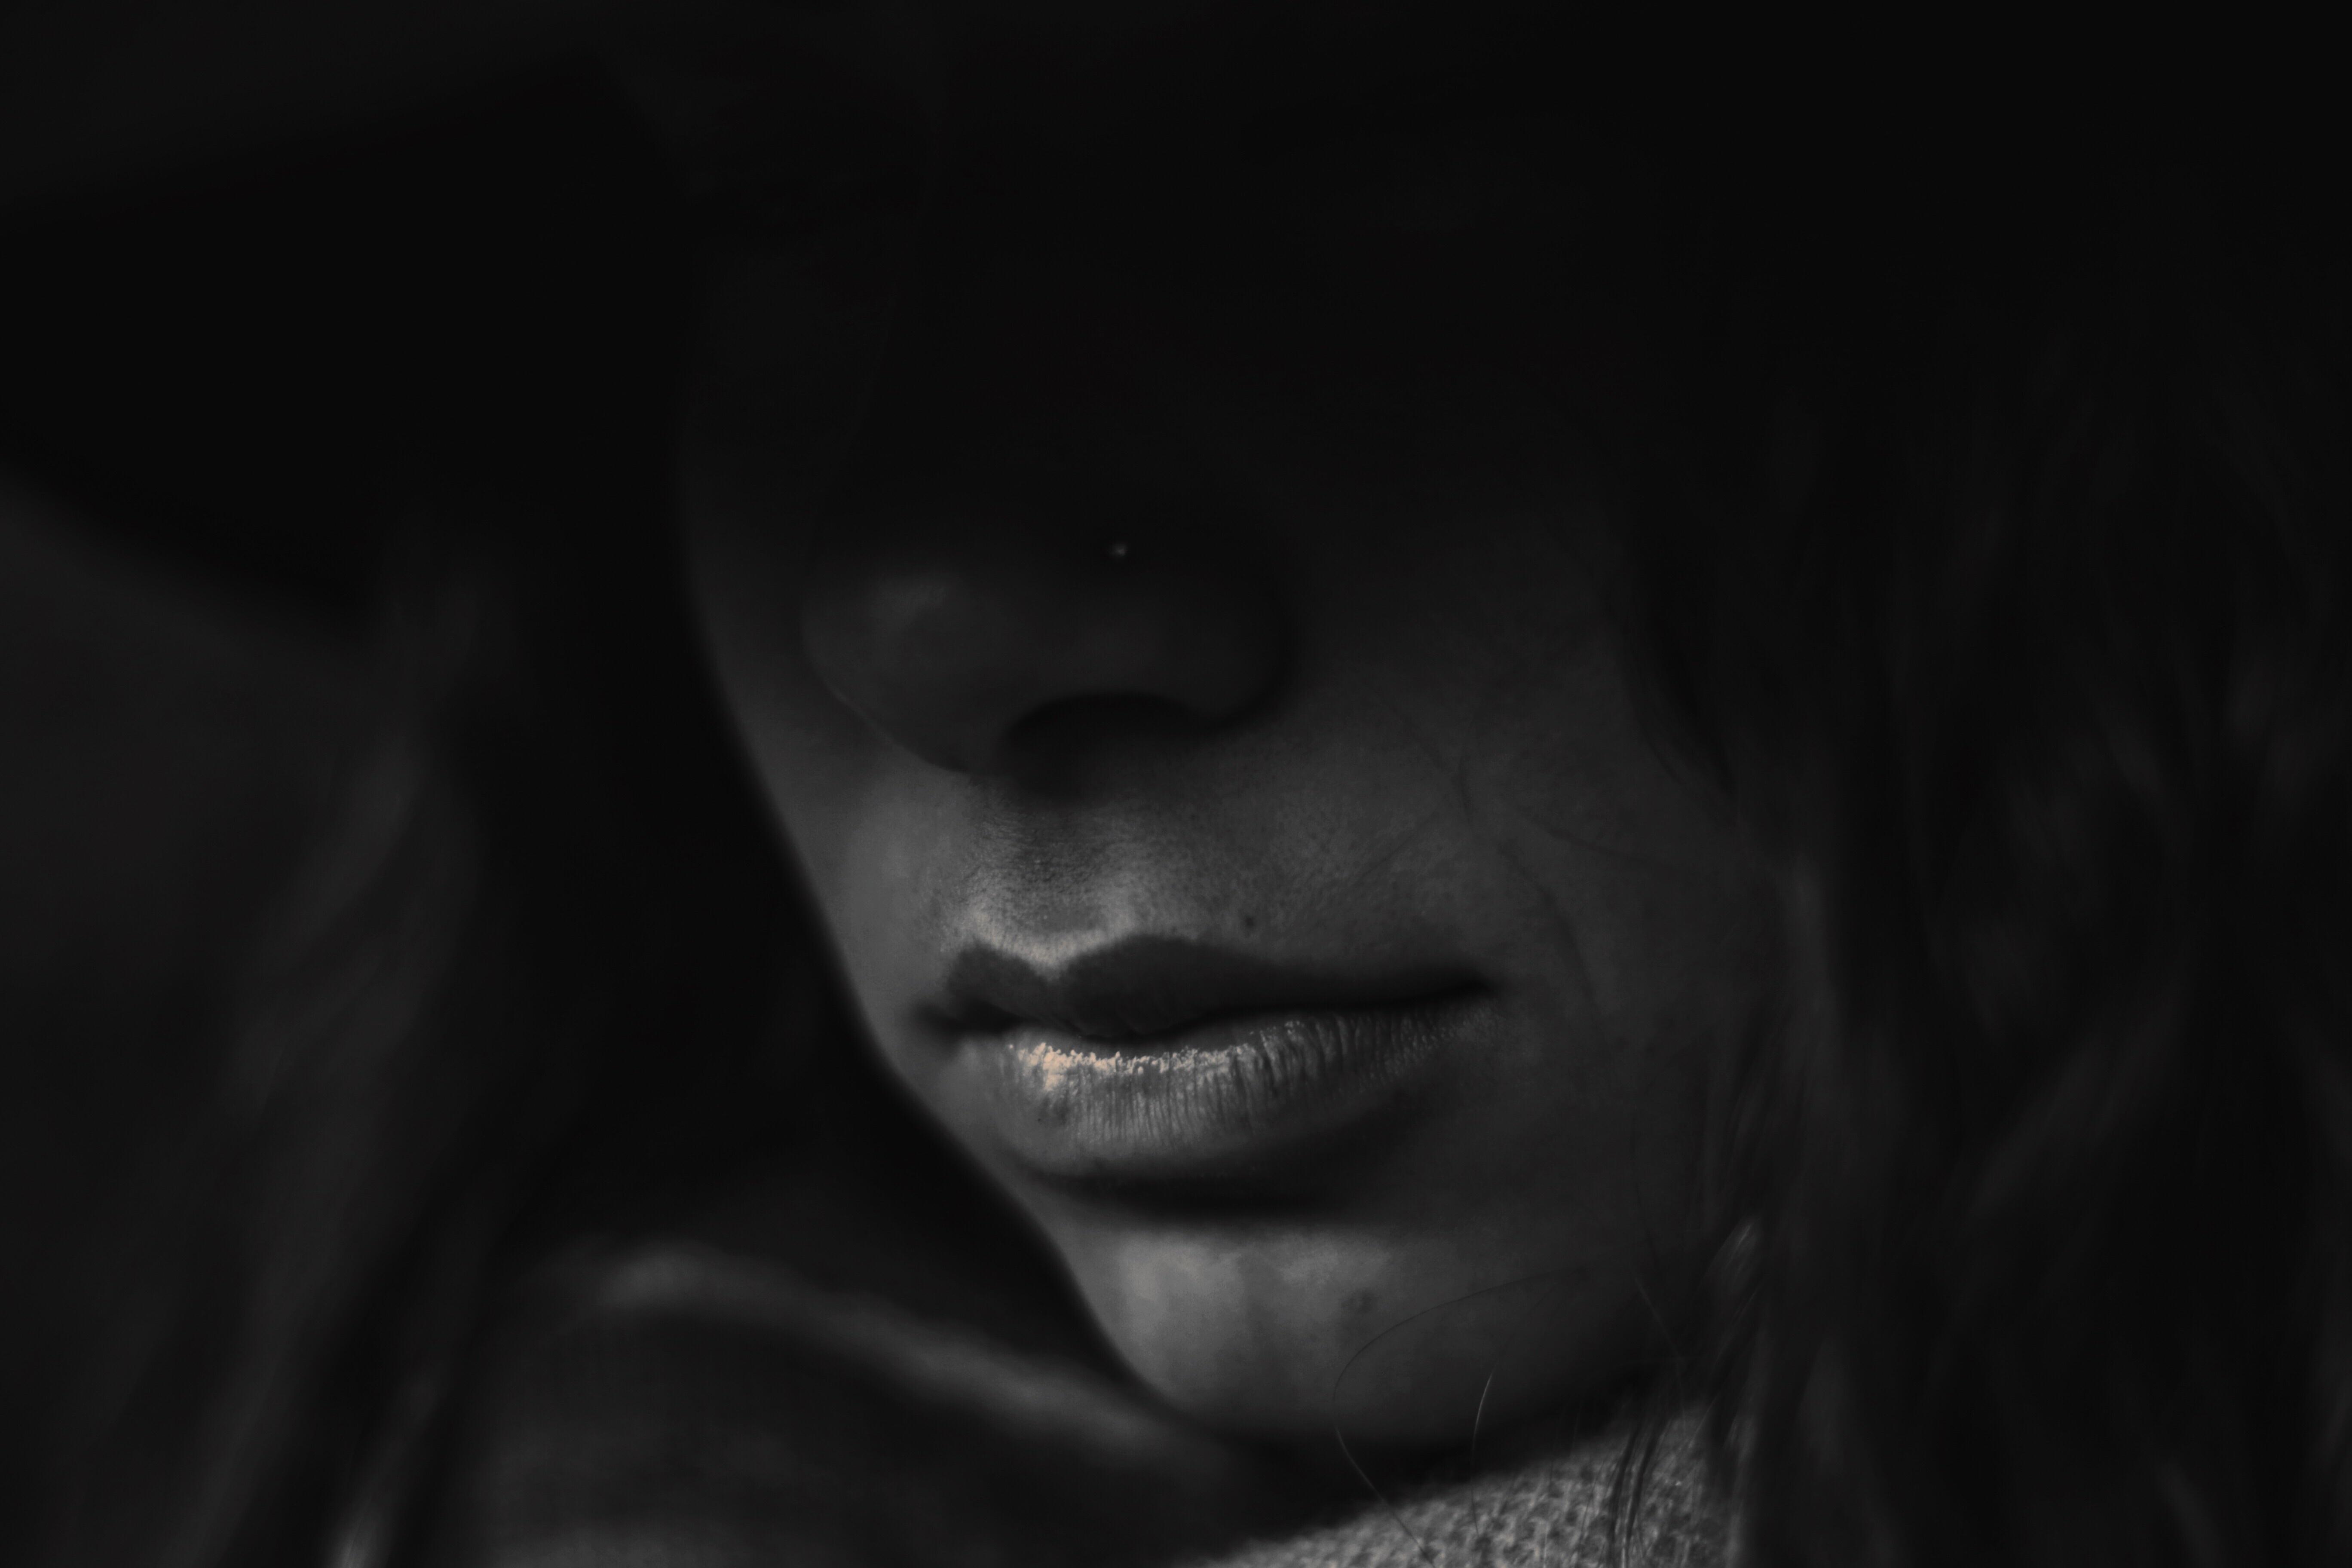 Mikor veszélyes a szemfájdalom? A szemek fájnak